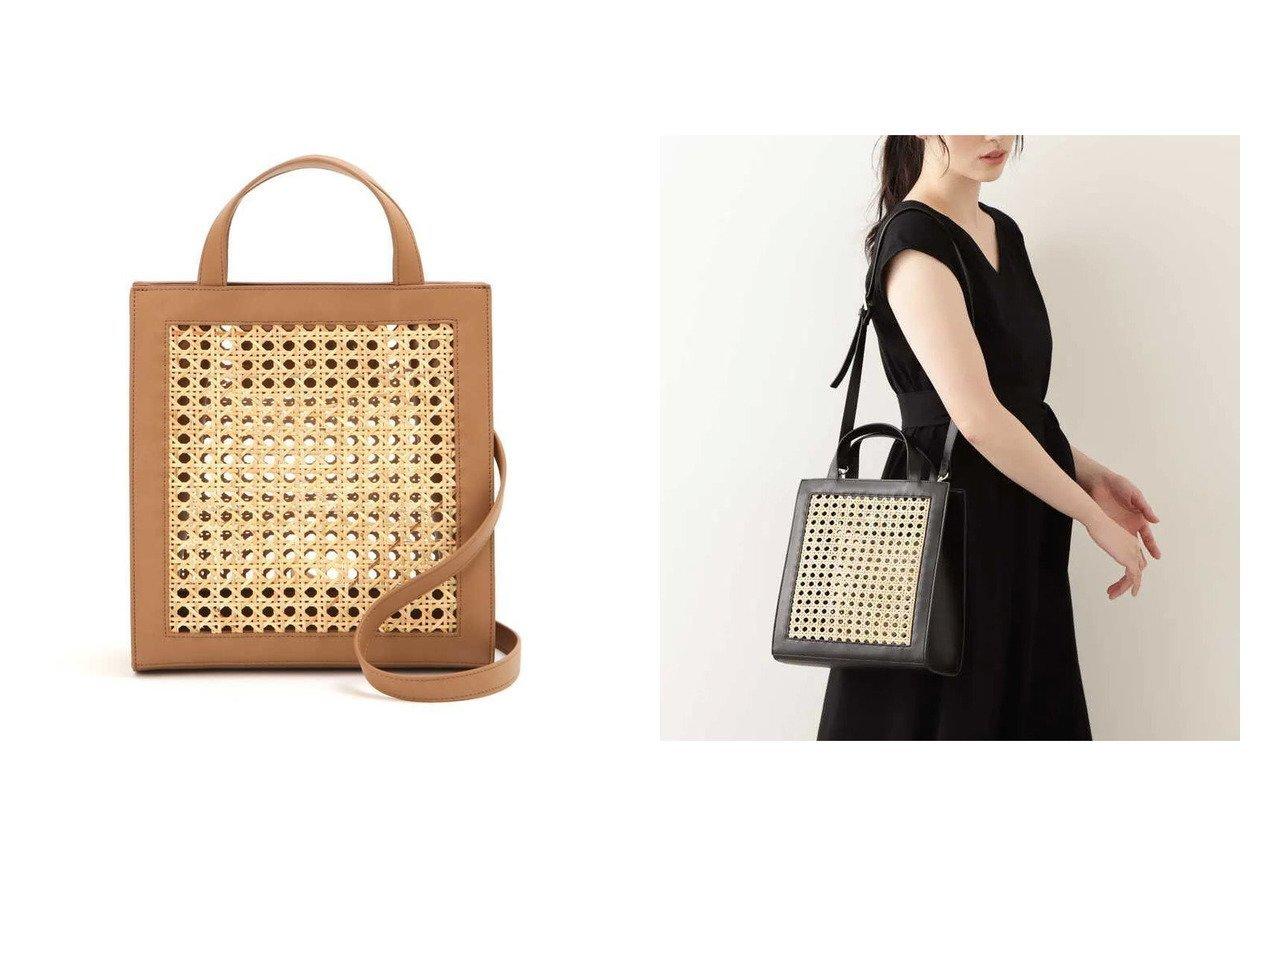 【NATURAL BEAUTY BASIC/ナチュラル ビューティー ベーシック】のバンブーバスケットコンビトート 【バッグ・鞄】おすすめ!人気、トレンド・レディースファッションの通販 おすすめで人気の流行・トレンド、ファッションの通販商品 インテリア・家具・メンズファッション・キッズファッション・レディースファッション・服の通販 founy(ファニー) https://founy.com/ ファッション Fashion レディースファッション WOMEN バッグ Bag バスケット フォルム リゾート  ID:crp329100000047572